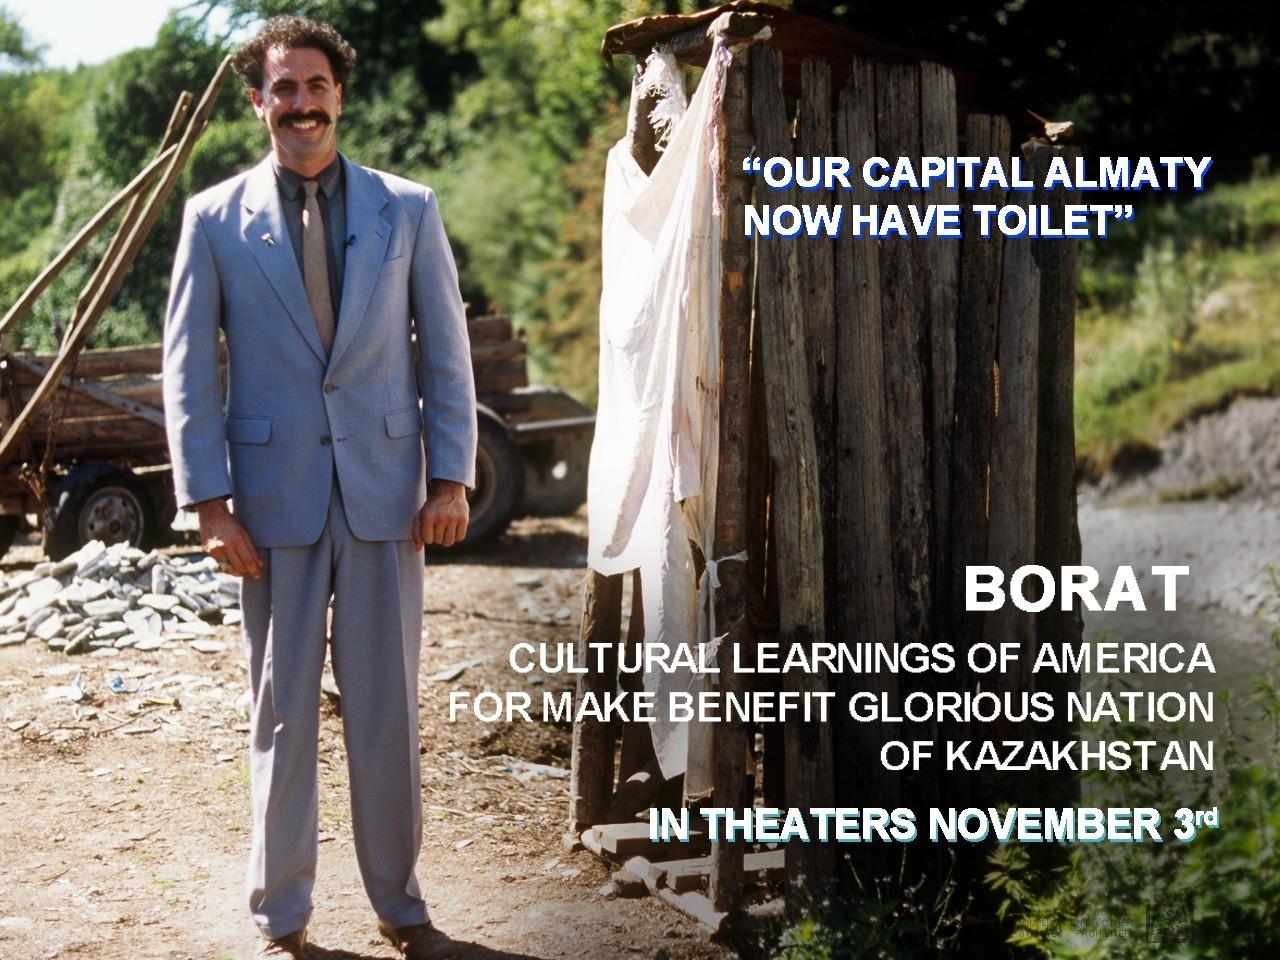 Wallpaper di Borat - Studio culturale sull'America a beneficio della gloriosa nazione del Kazakistan